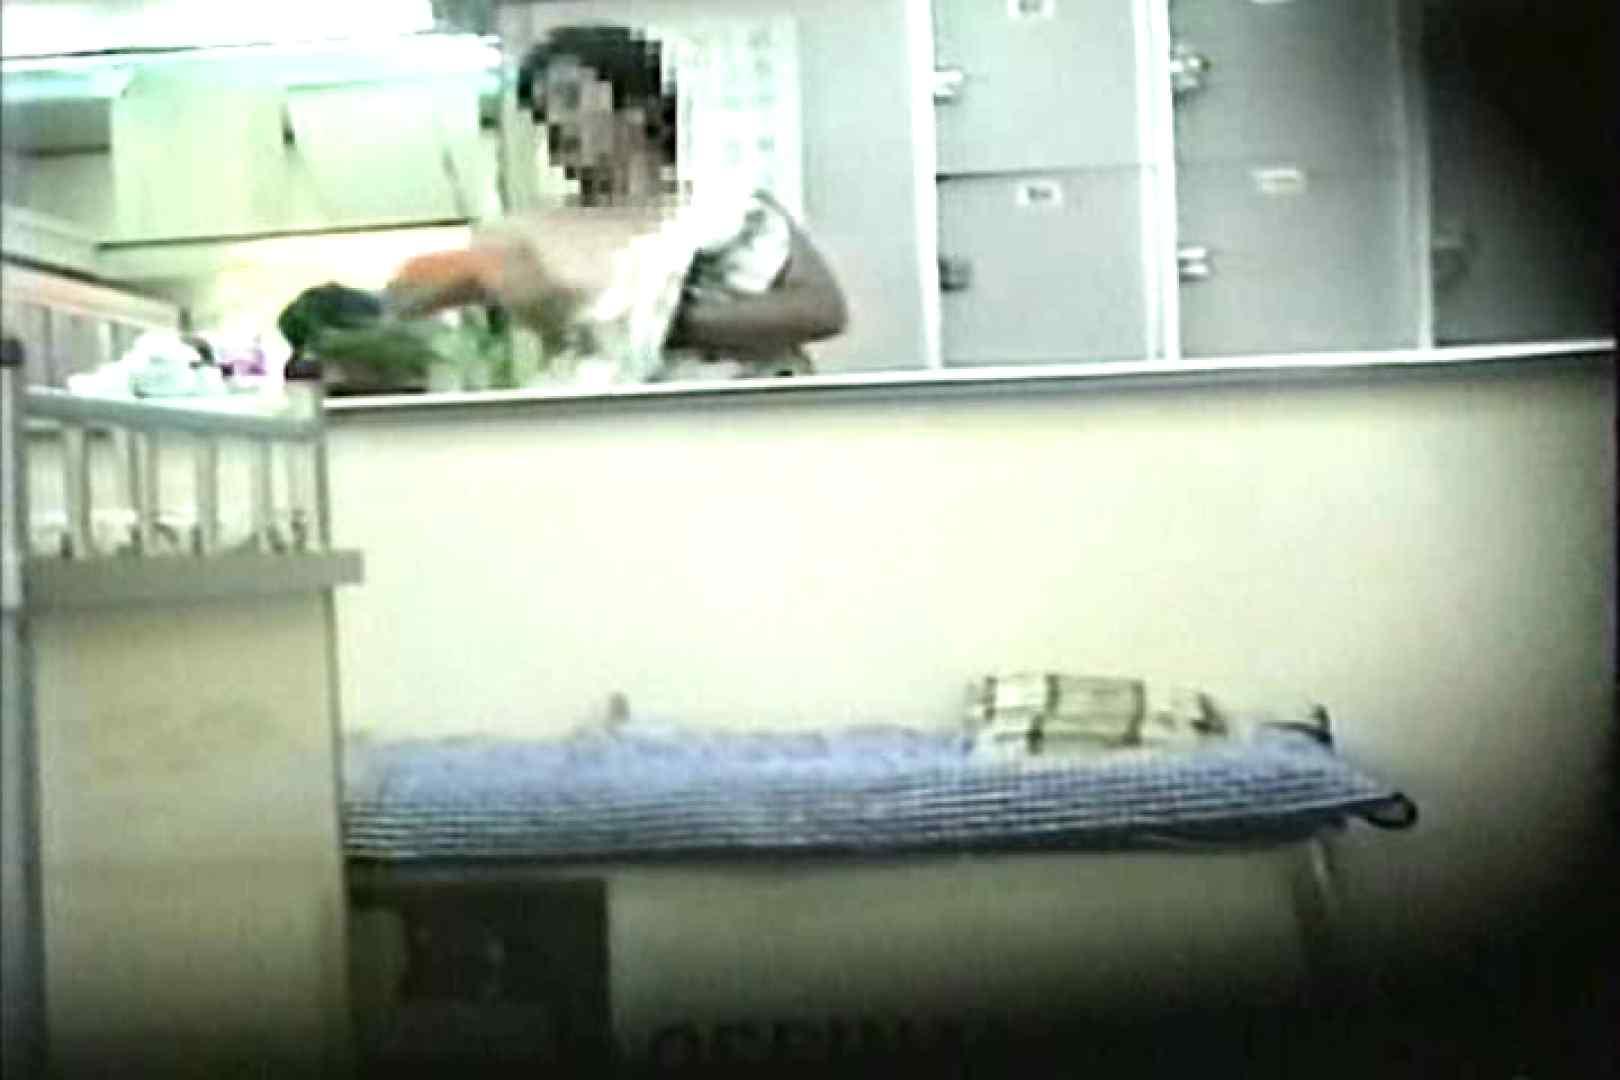 女性だからここまで撮れた 脱衣所盗撮 TK-96 おまんこ無修正 AV動画キャプチャ 57画像 23